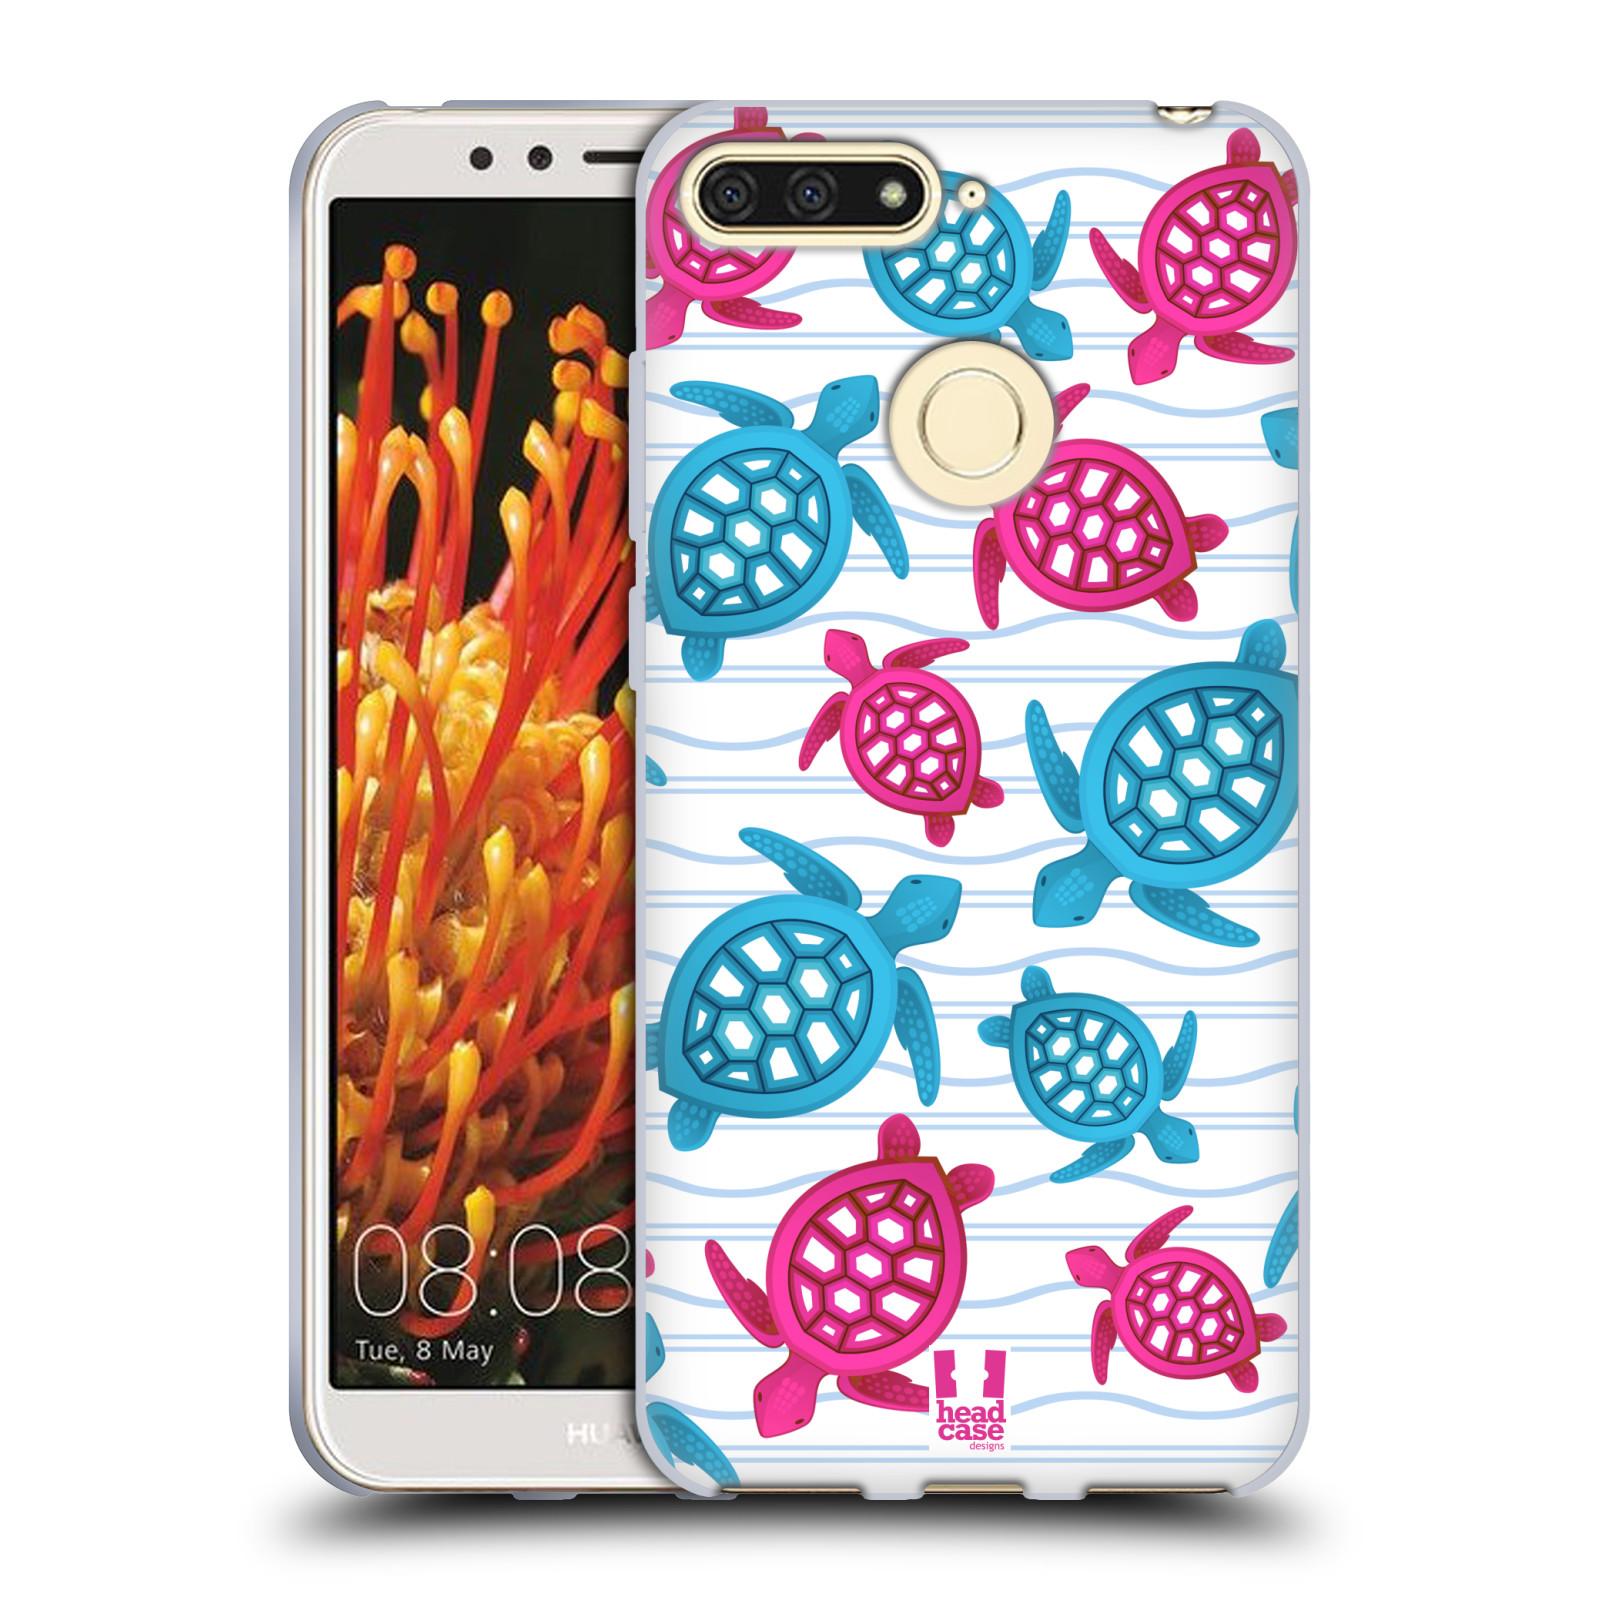 HEAD CASE silikonový obal na mobil HUAWEI Y6 PRIME 2018 vzor mořský  živočich želva modrá a růžová d3615824cfe